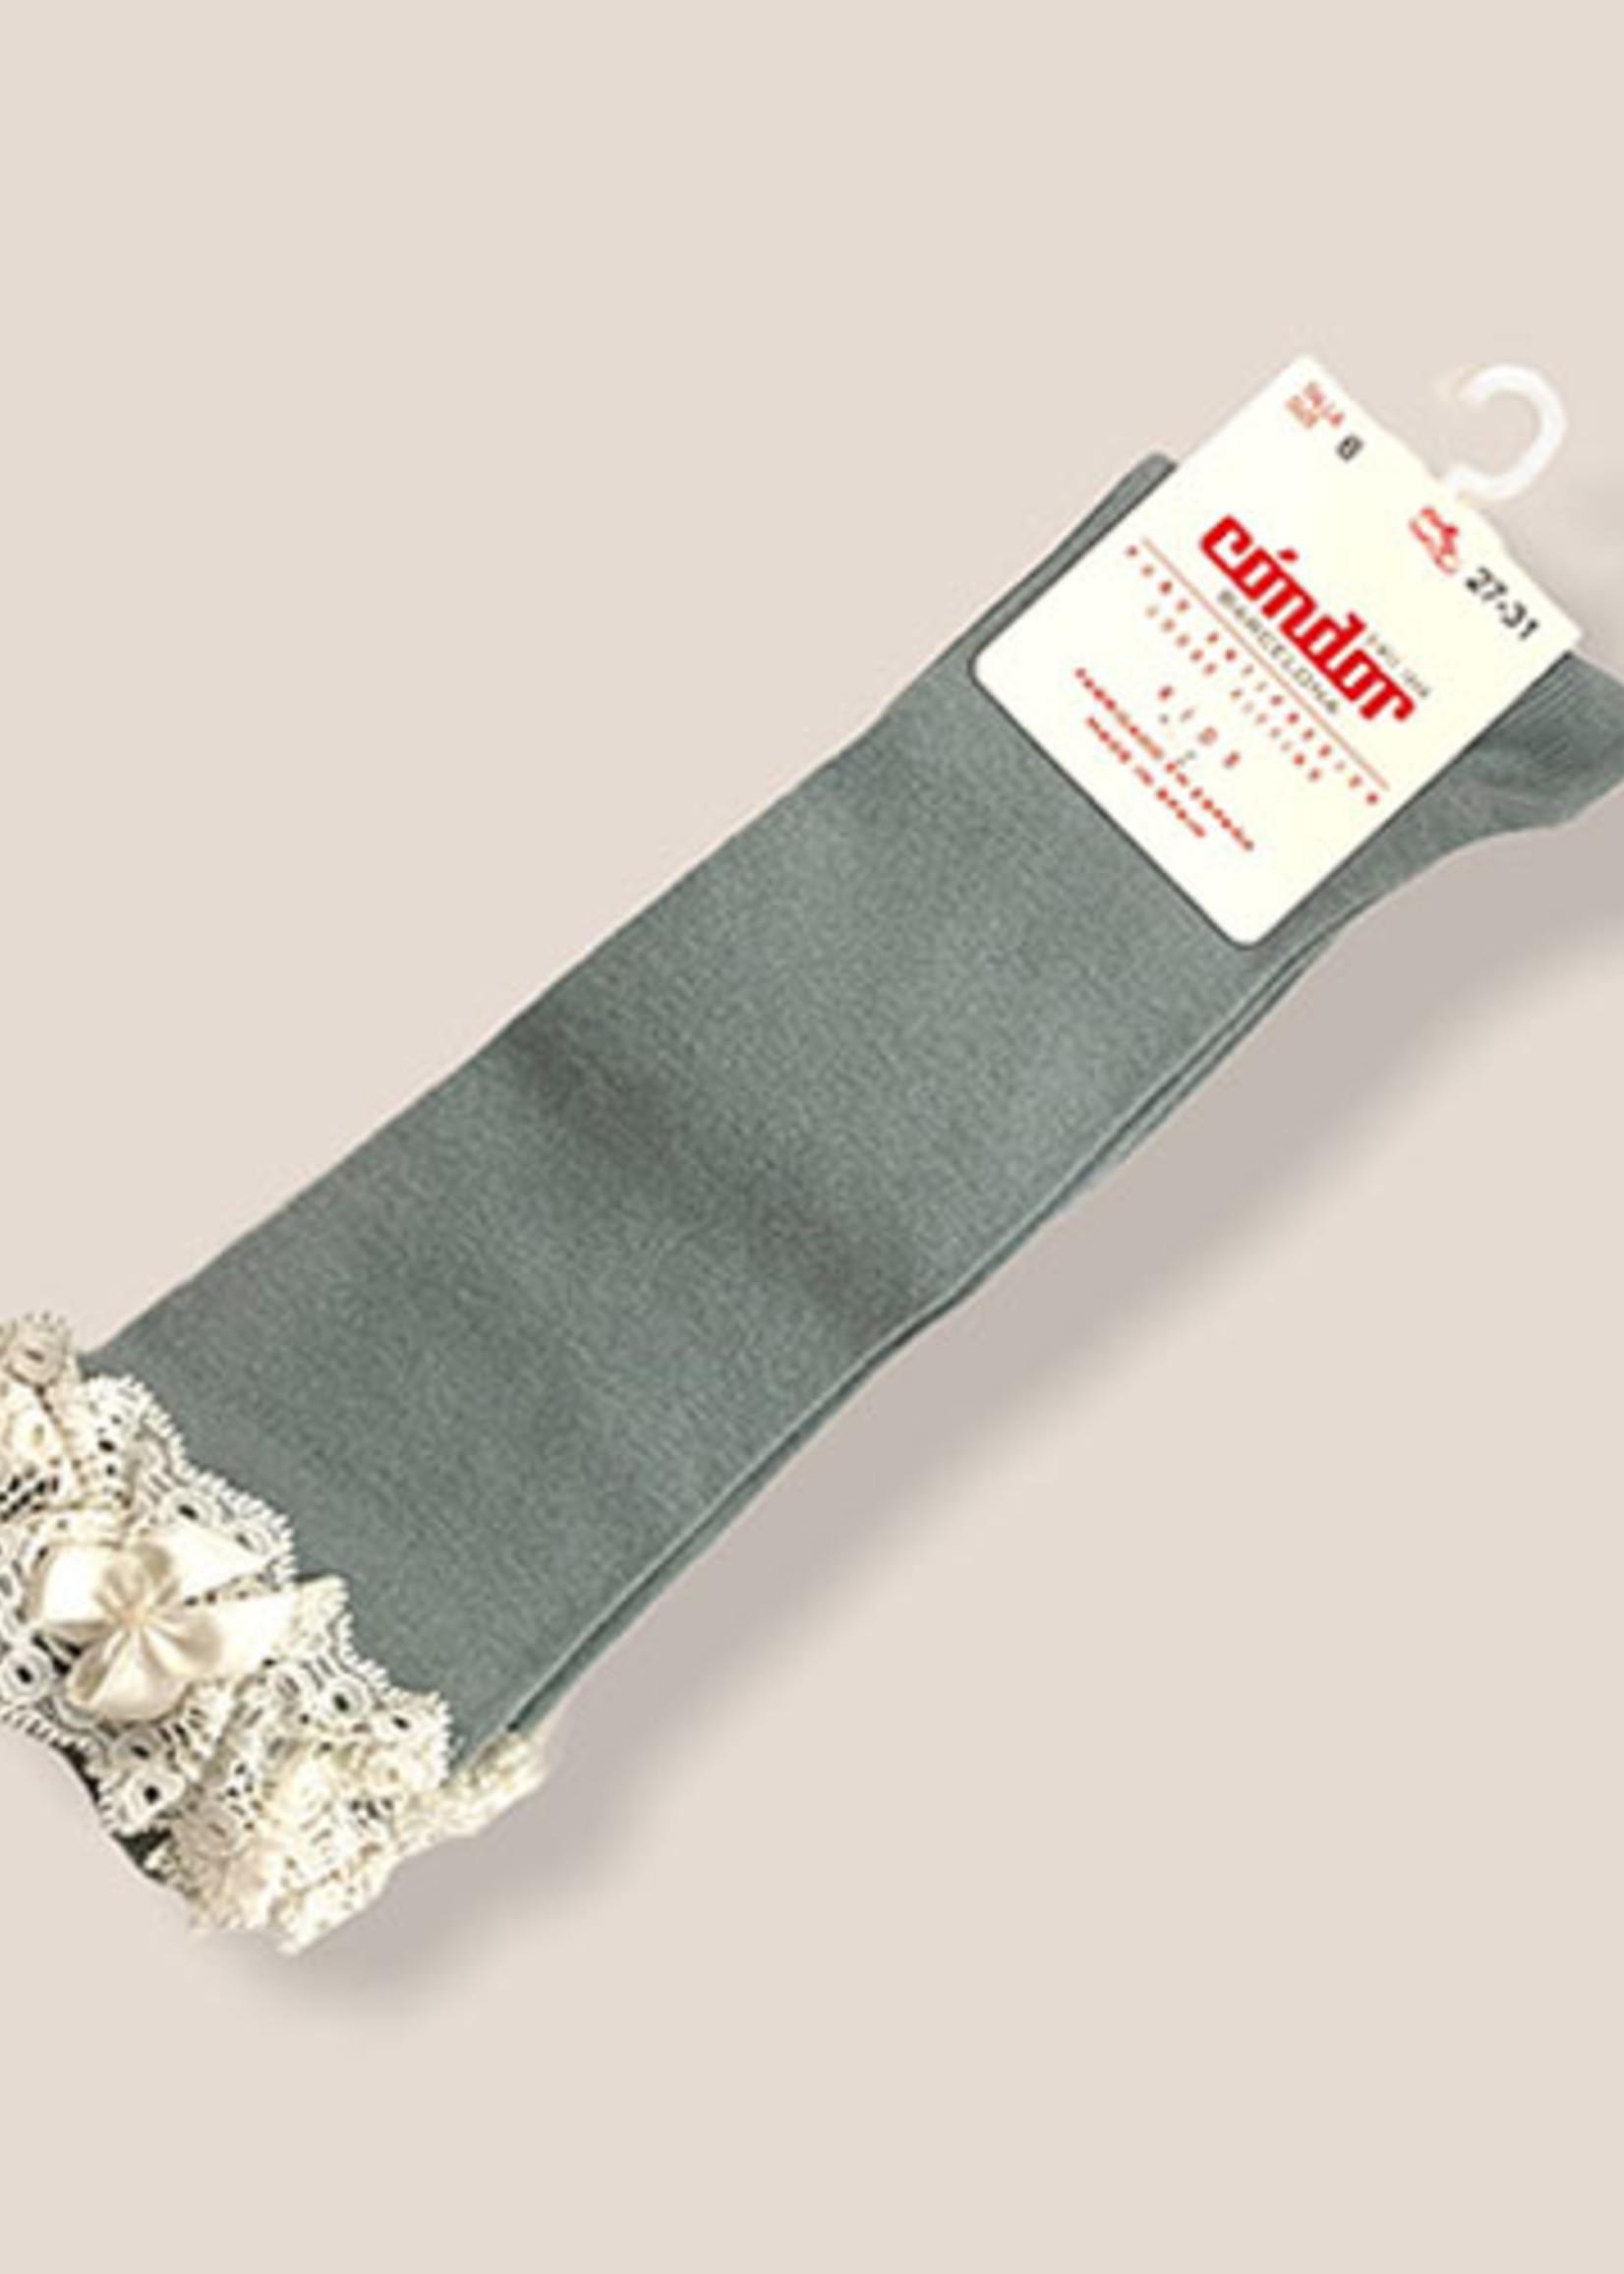 condor Condor-ss21 2.484/2 lace trim short sock